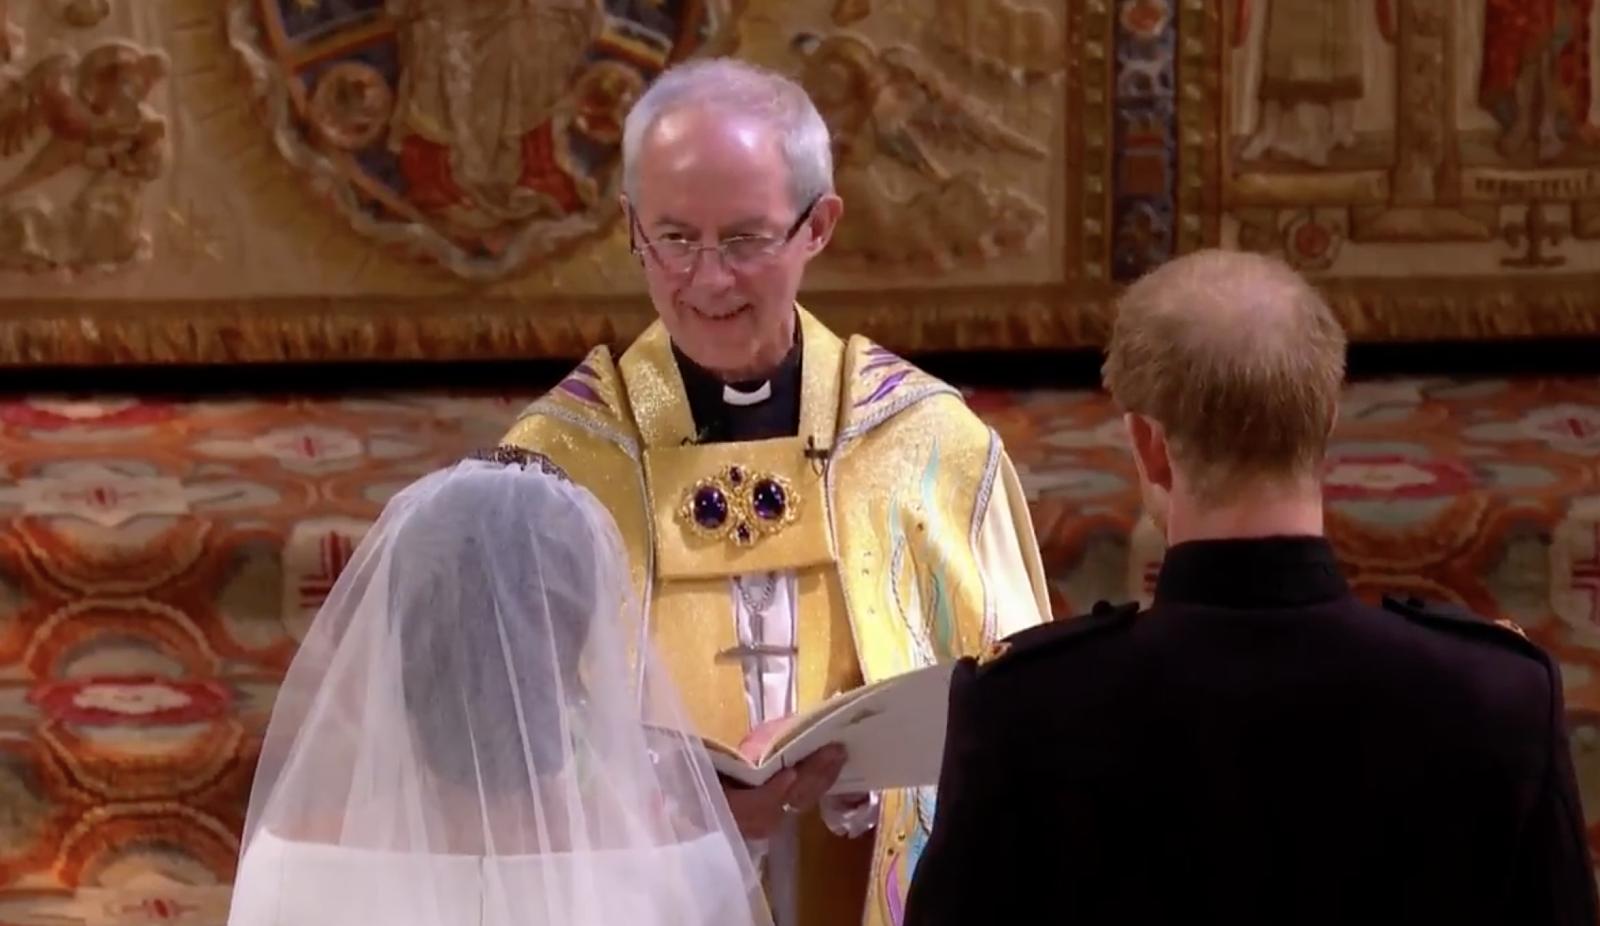 Para książęca już zaślubiona! Co katolicy powinni wiedzieć o ślubie księcia Harrego i Meghan Markle? - zdjęcie w treści artykułu